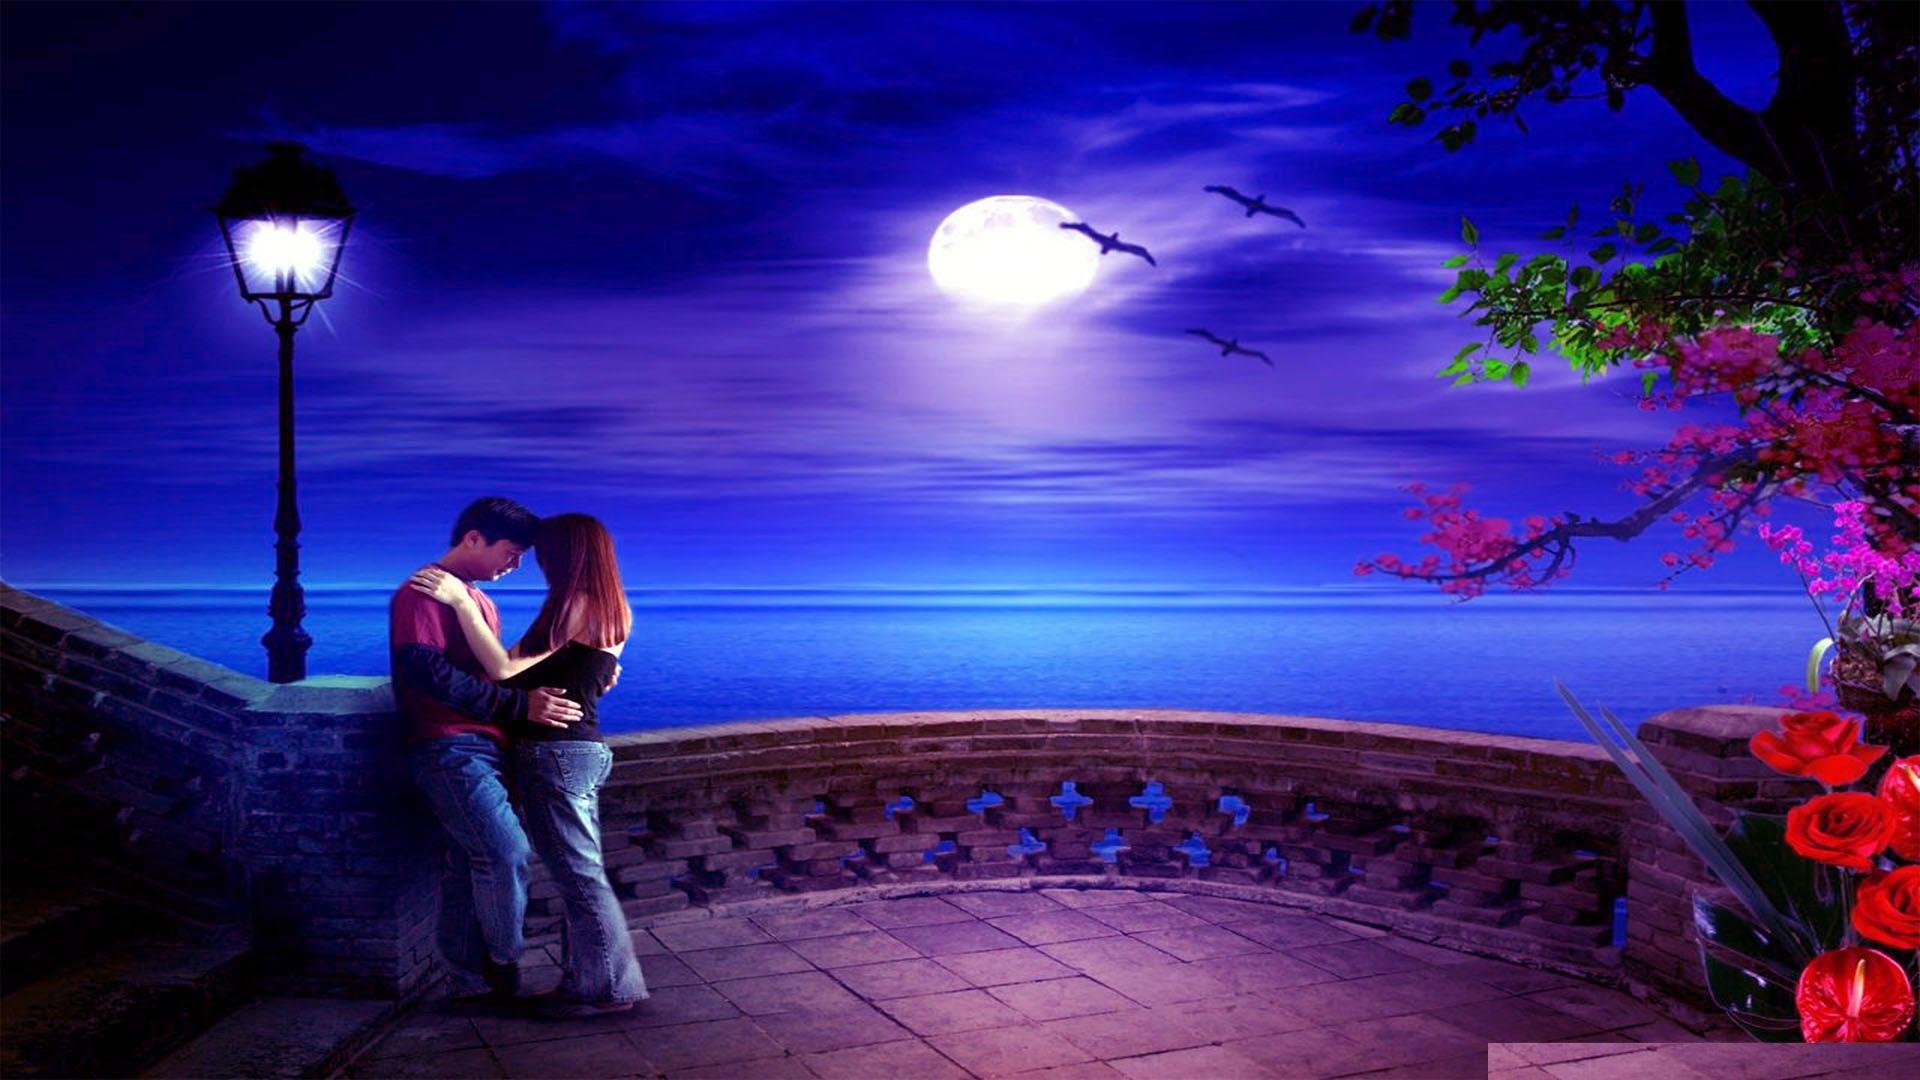 Romantic Love Scenes 26 Cool Hd Wallpaper Hdlovewall Com